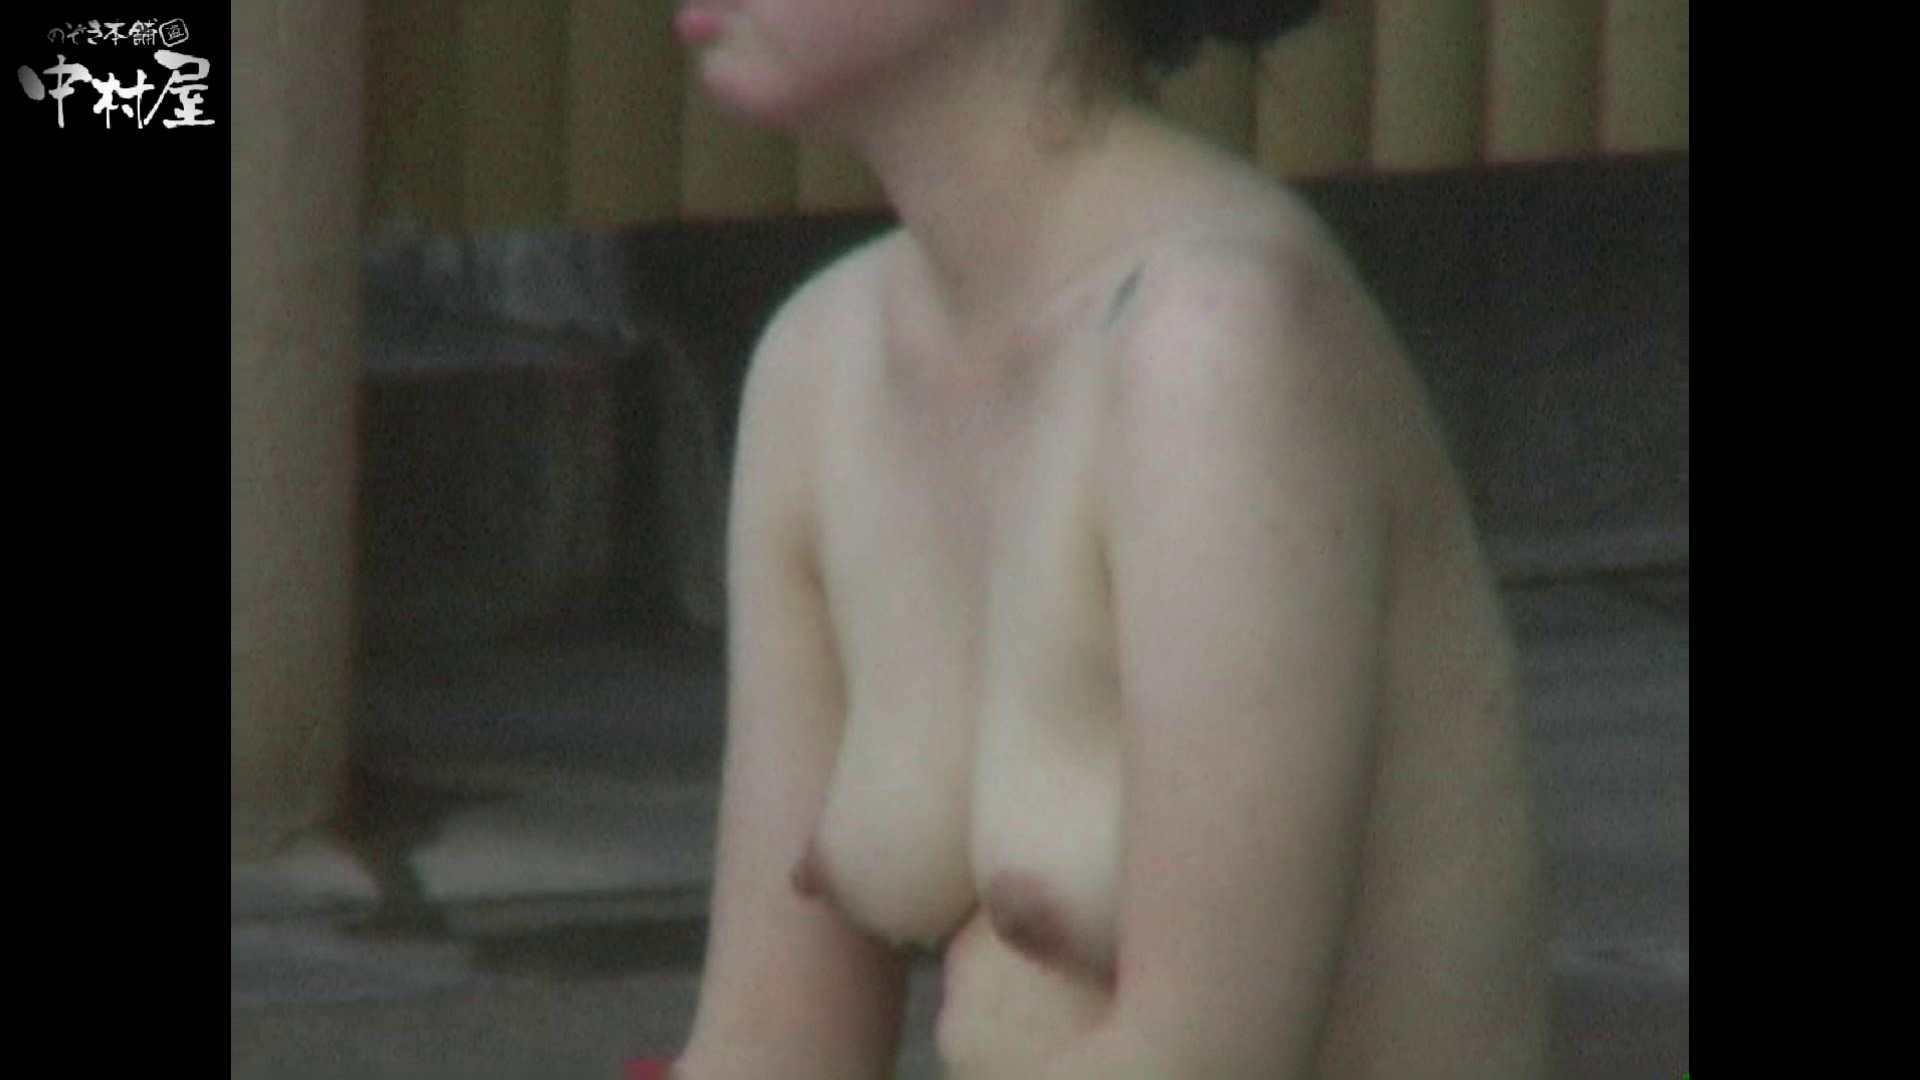 Aquaな露天風呂Vol.942 HなOL ワレメ動画紹介 92pic 72